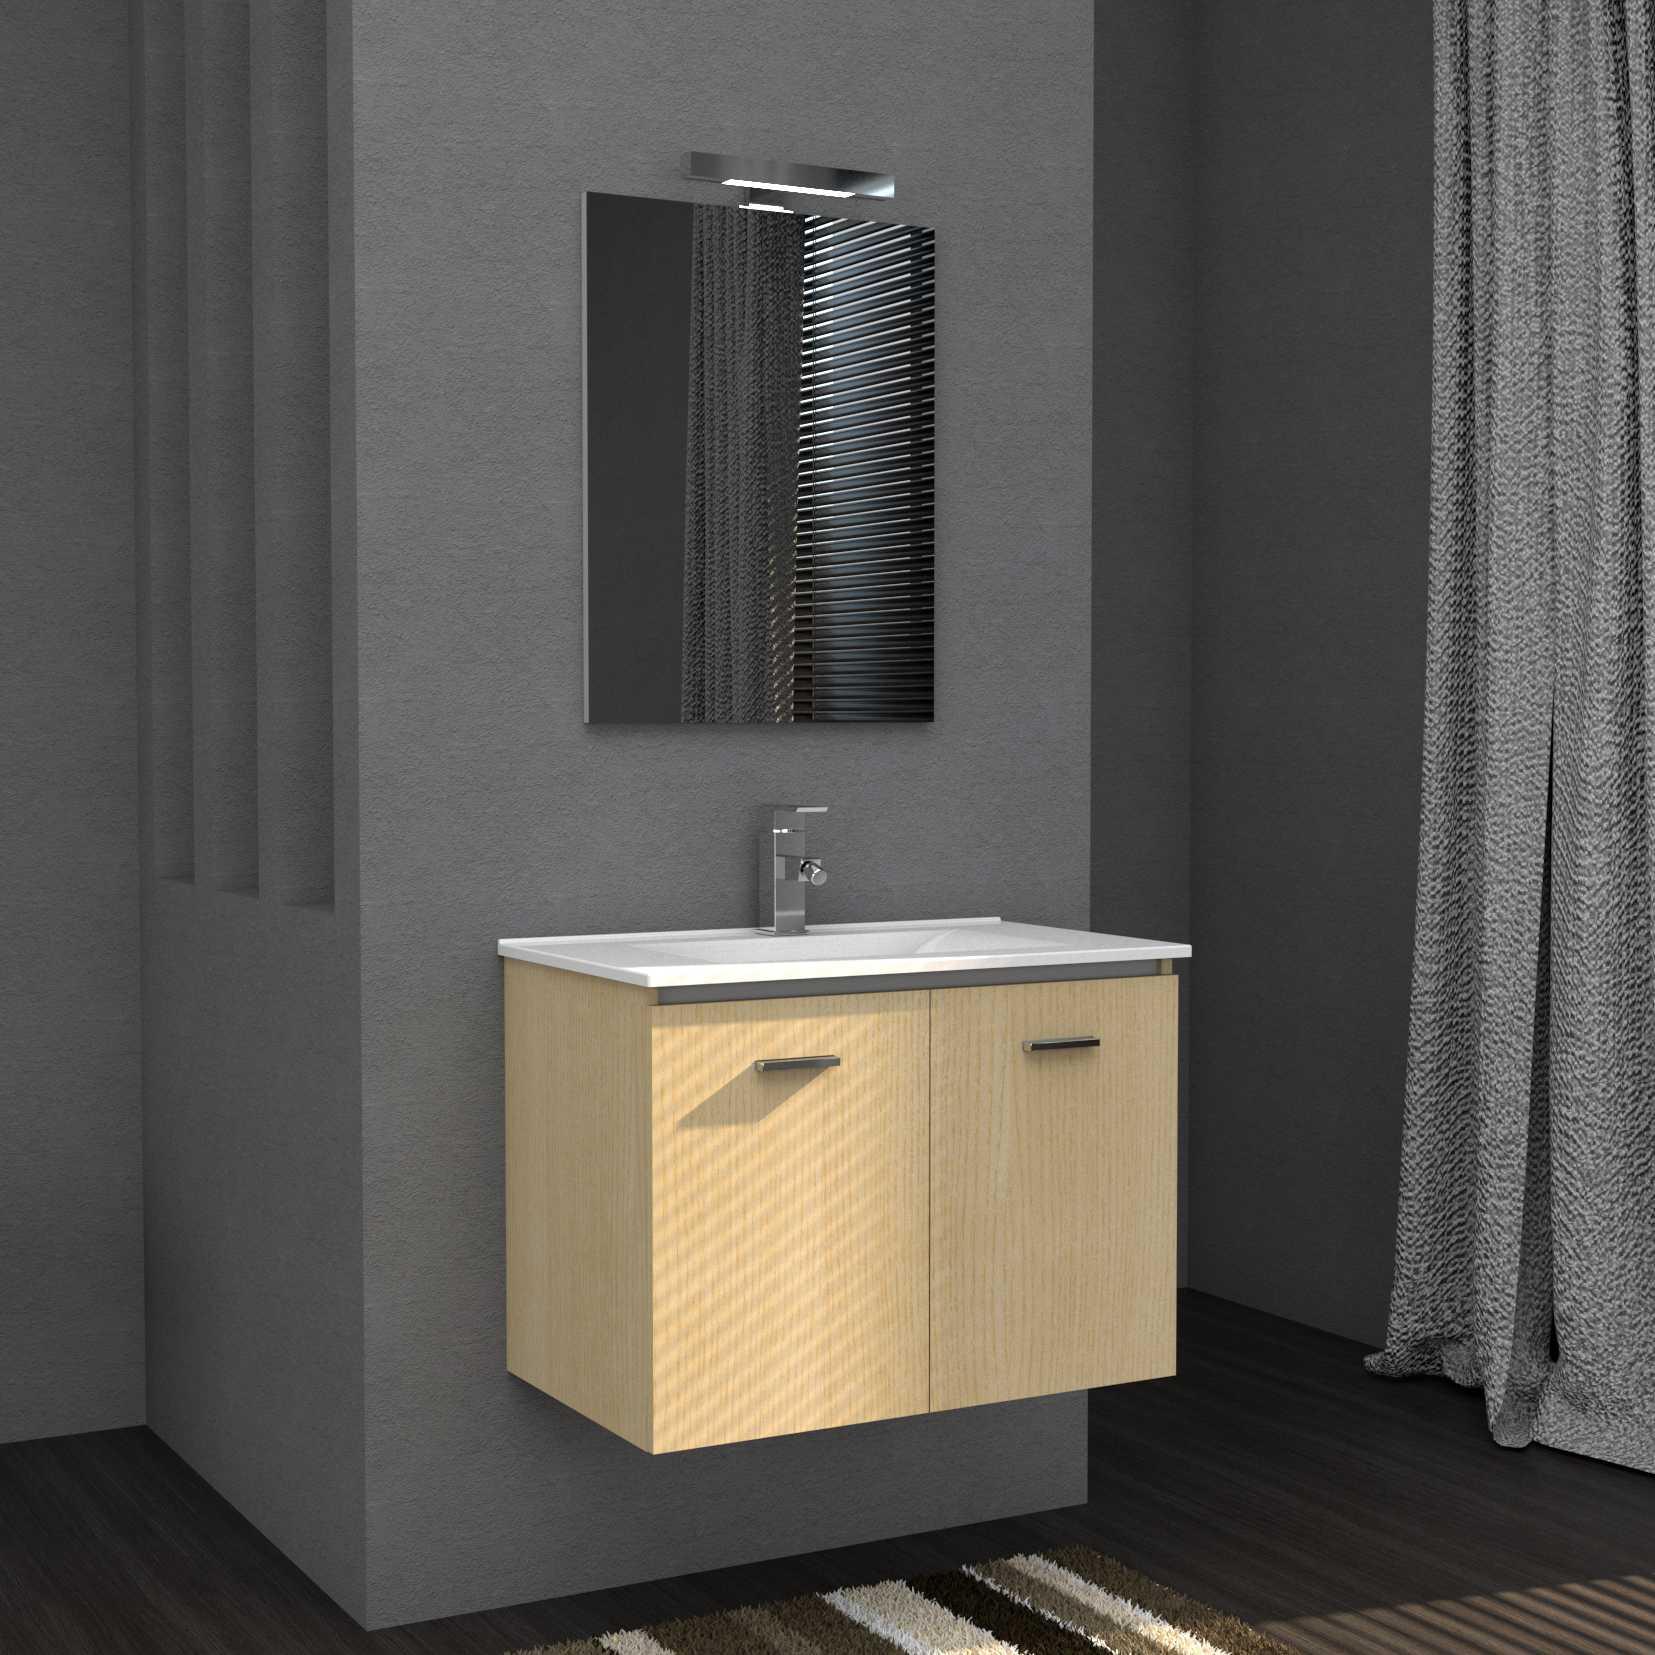 Mobile bagno sospeso FLY 75 cm 76x46 rovere con lavabo in ceramica